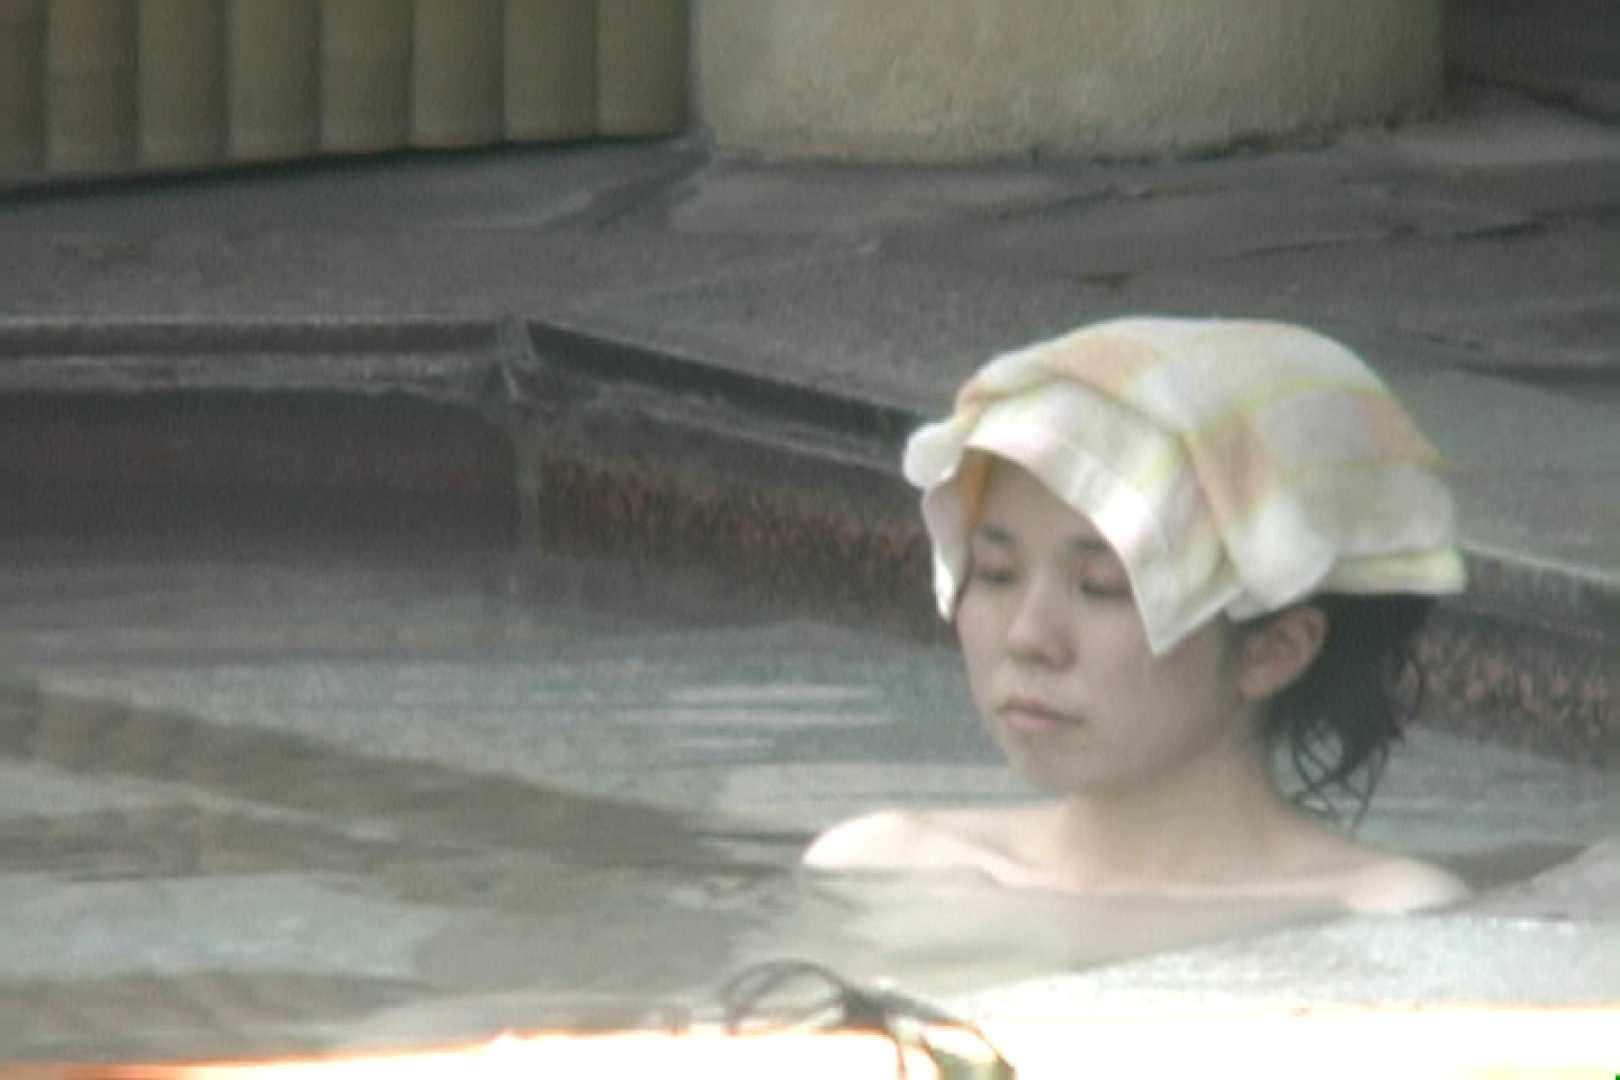 高画質露天女風呂観察 vol.007 高画質 ヌード画像 104PIX 56